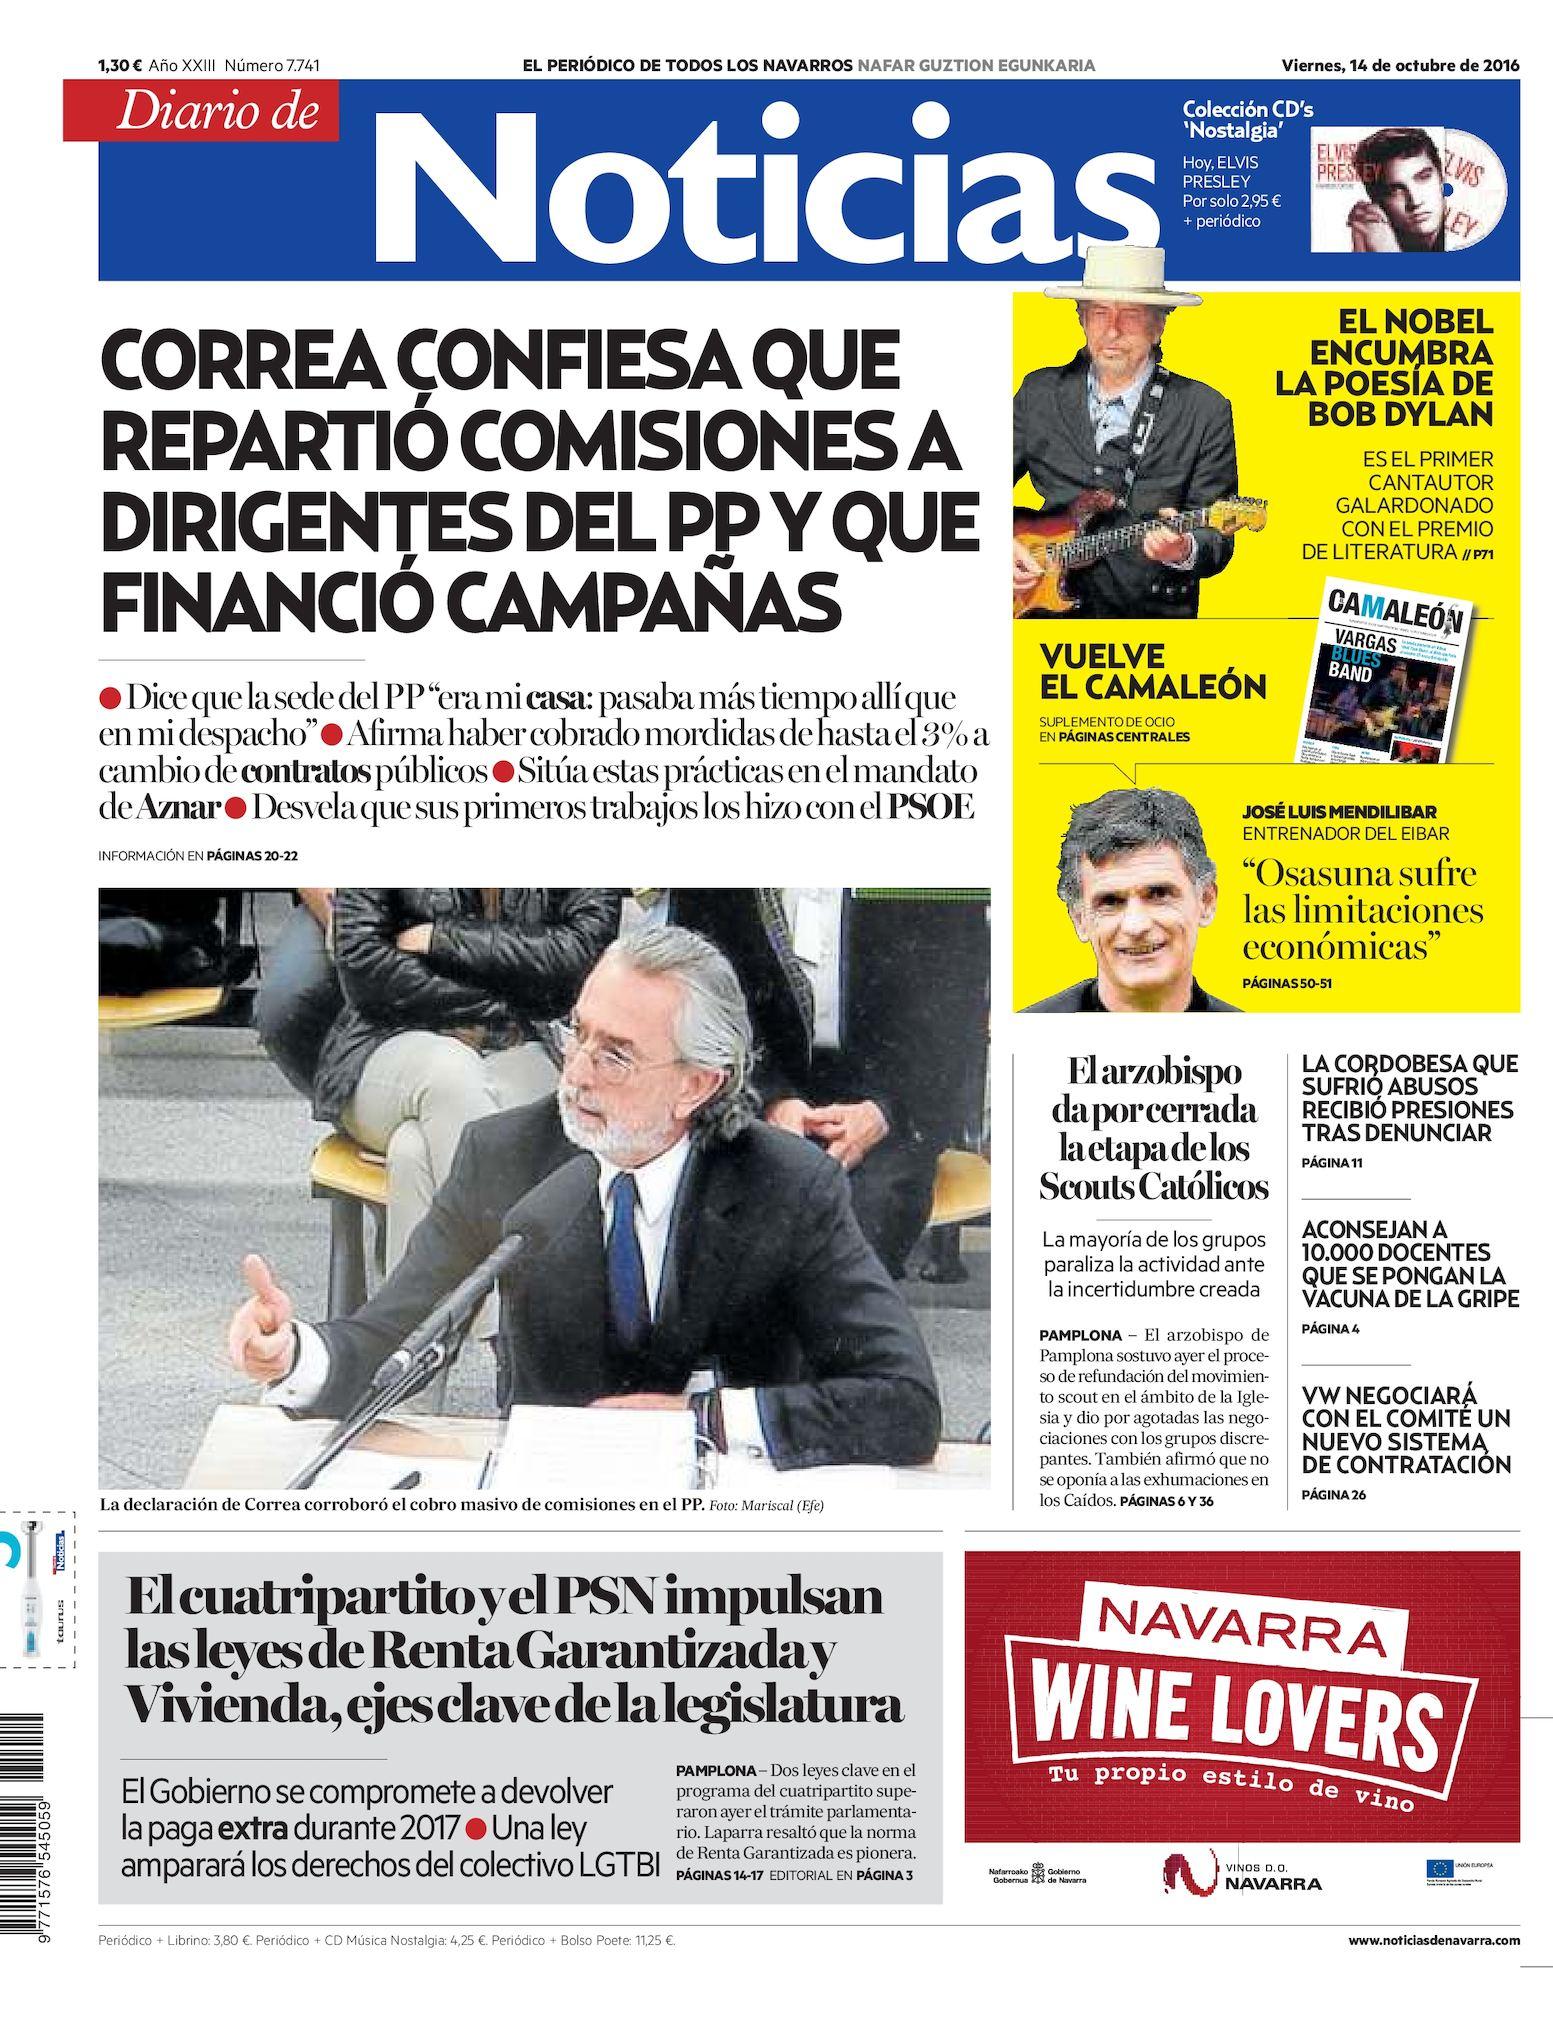 7e6b5c85f Calaméo - Diario de Noticias 20161014